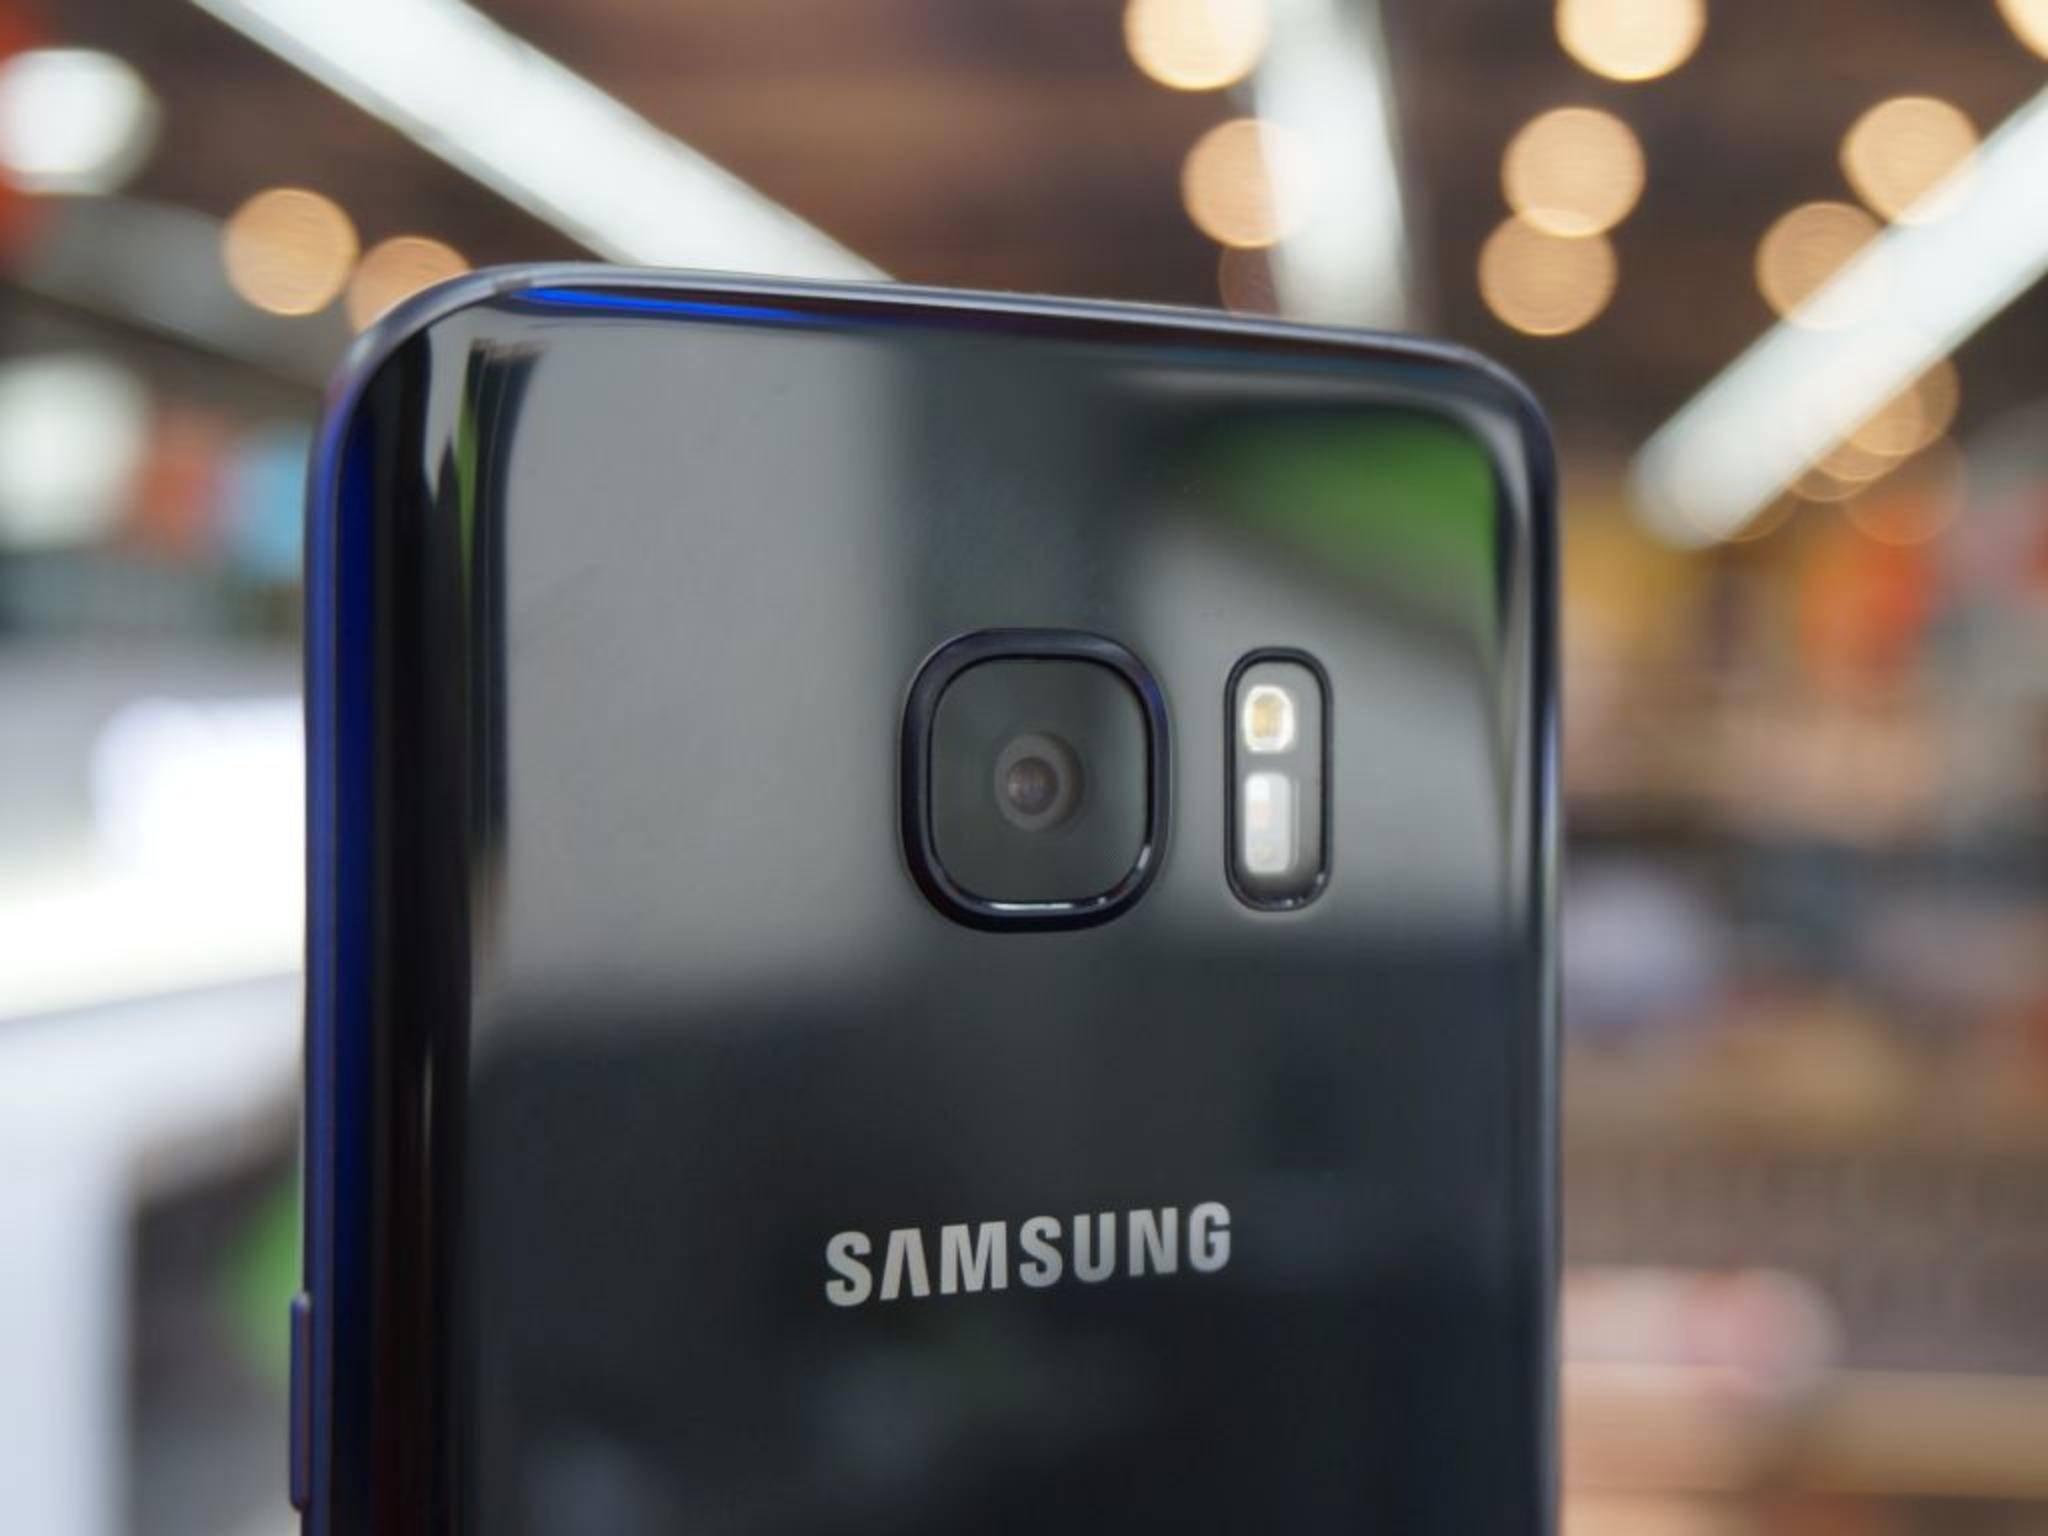 Die Rückkamera des Galaxy S7 löst mit 12 Megapixeln auf.